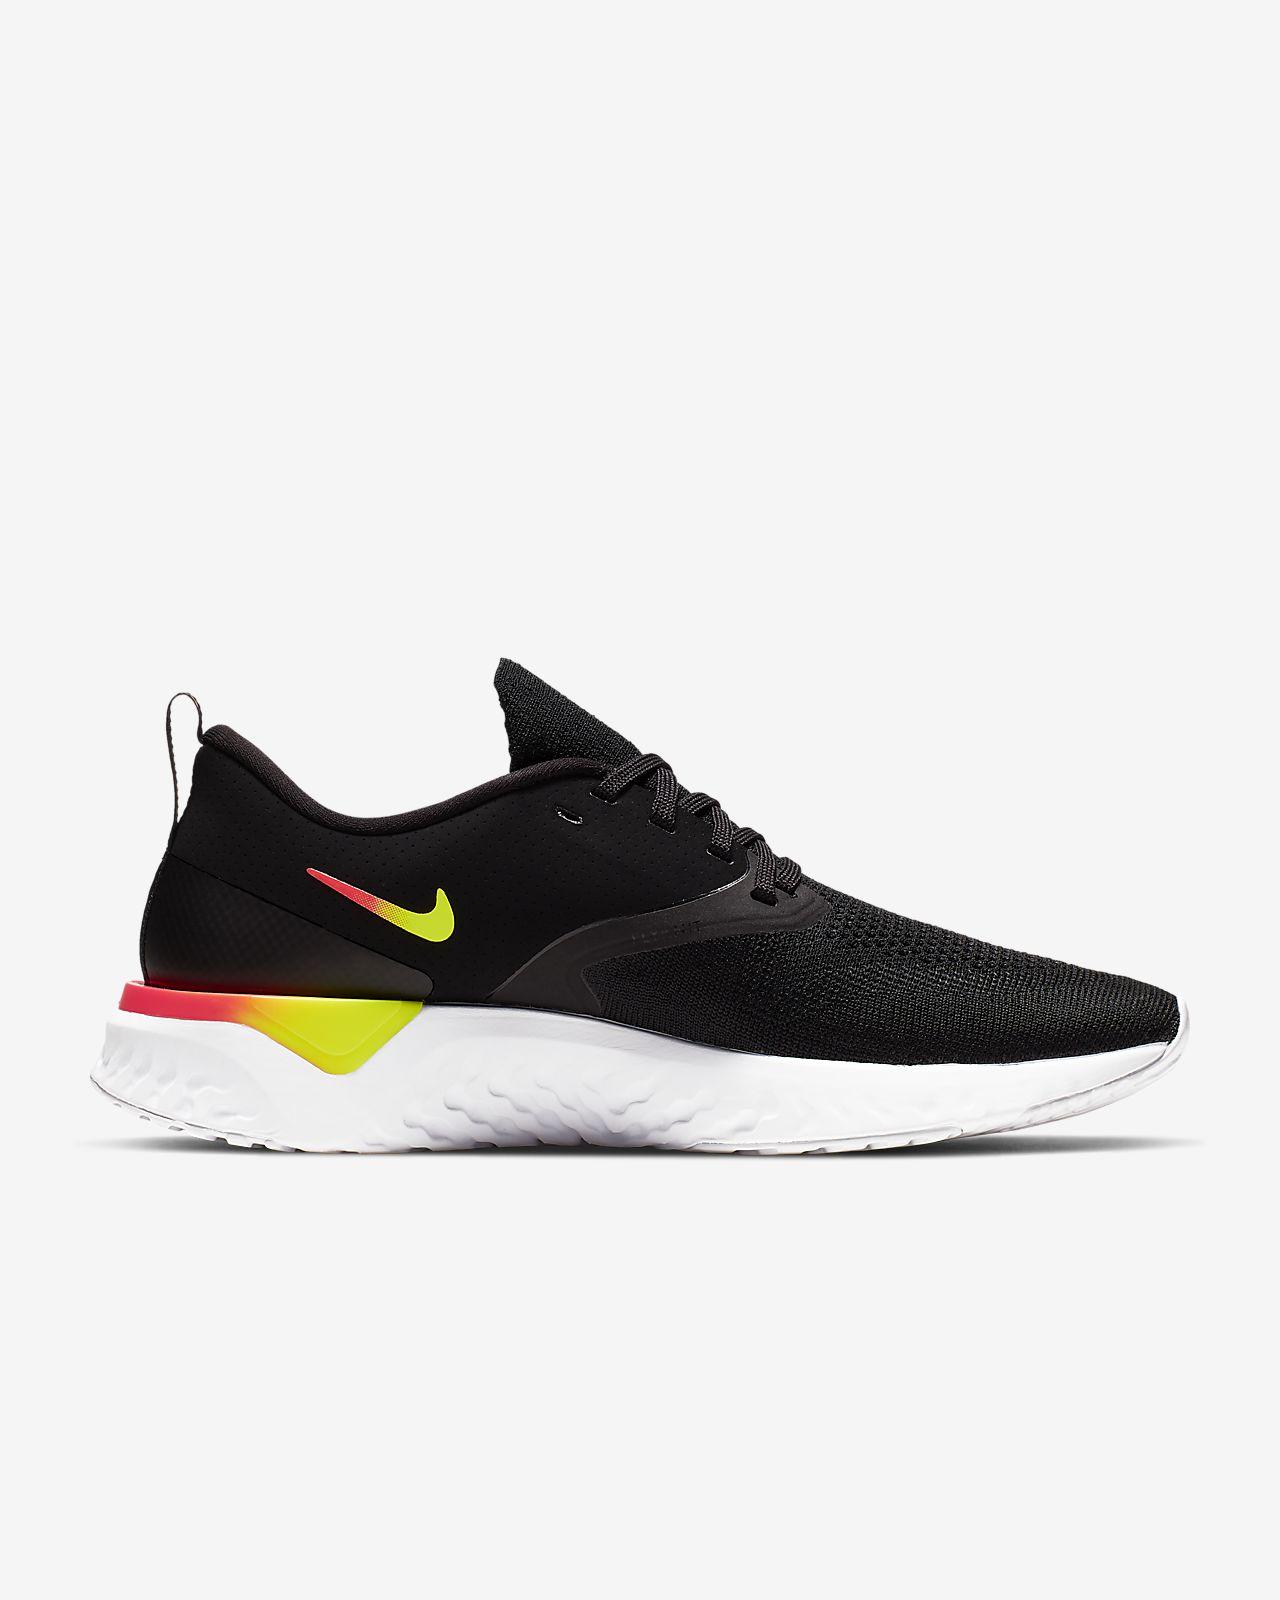 3d3951c041b6b Nike Odyssey React Flyknit 2 Women s Running Shoe. Nike.com AT